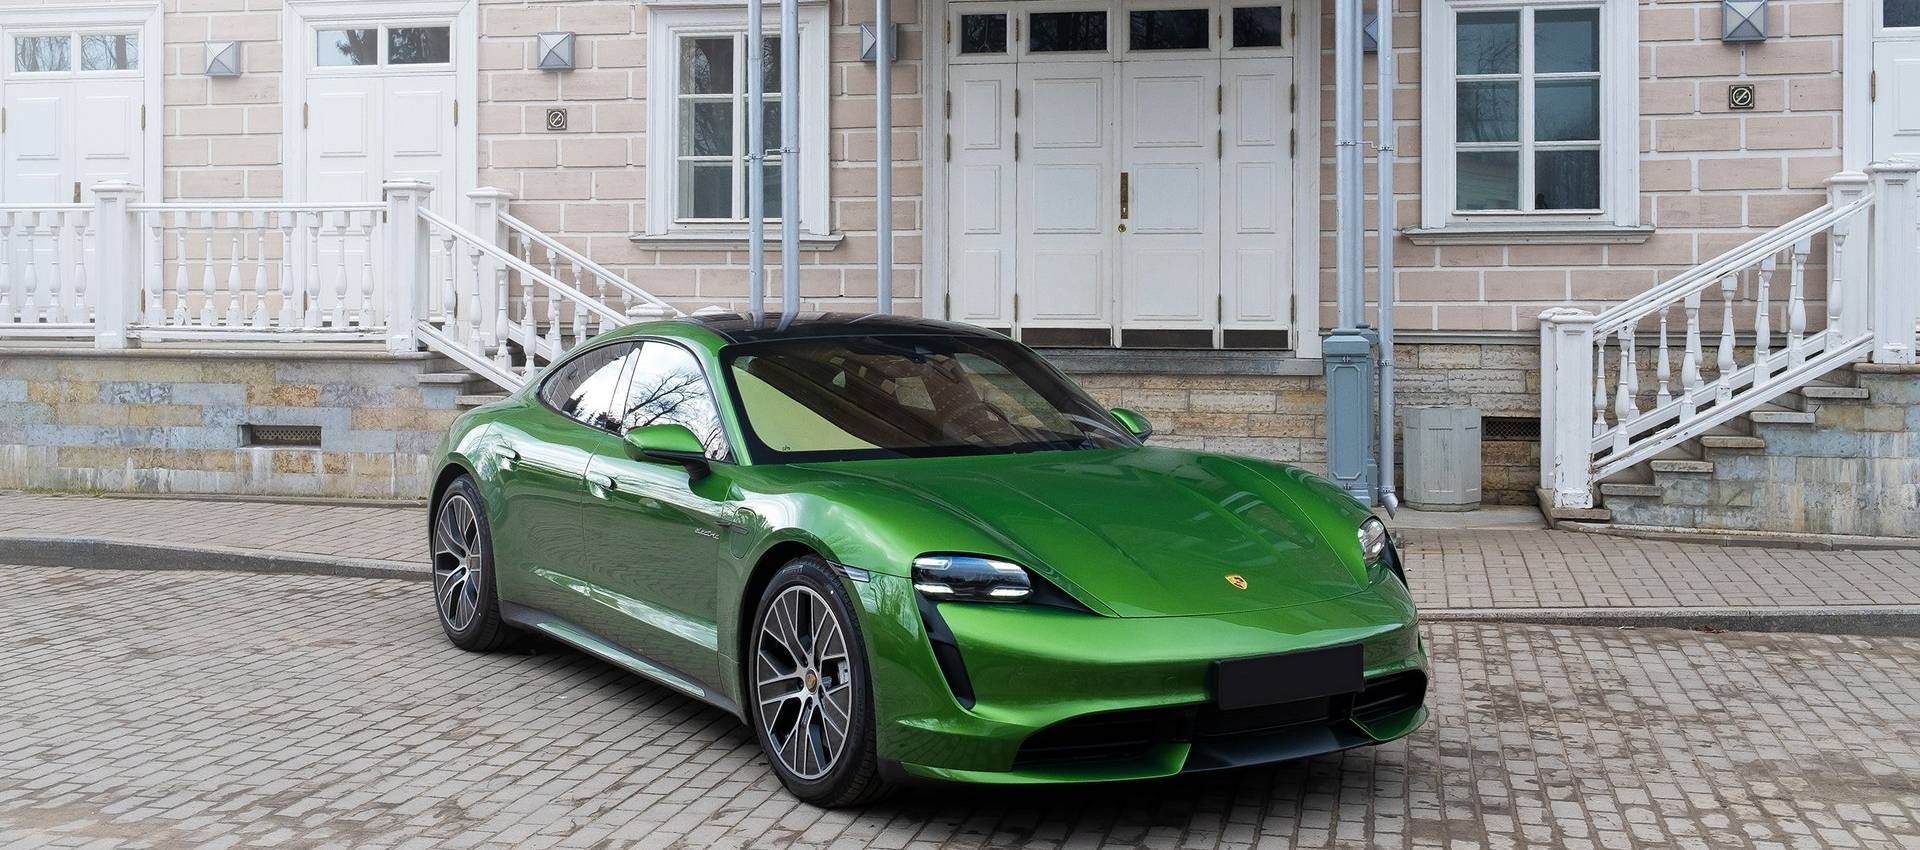 Аренда Porsche Taycan Turbo в Москве